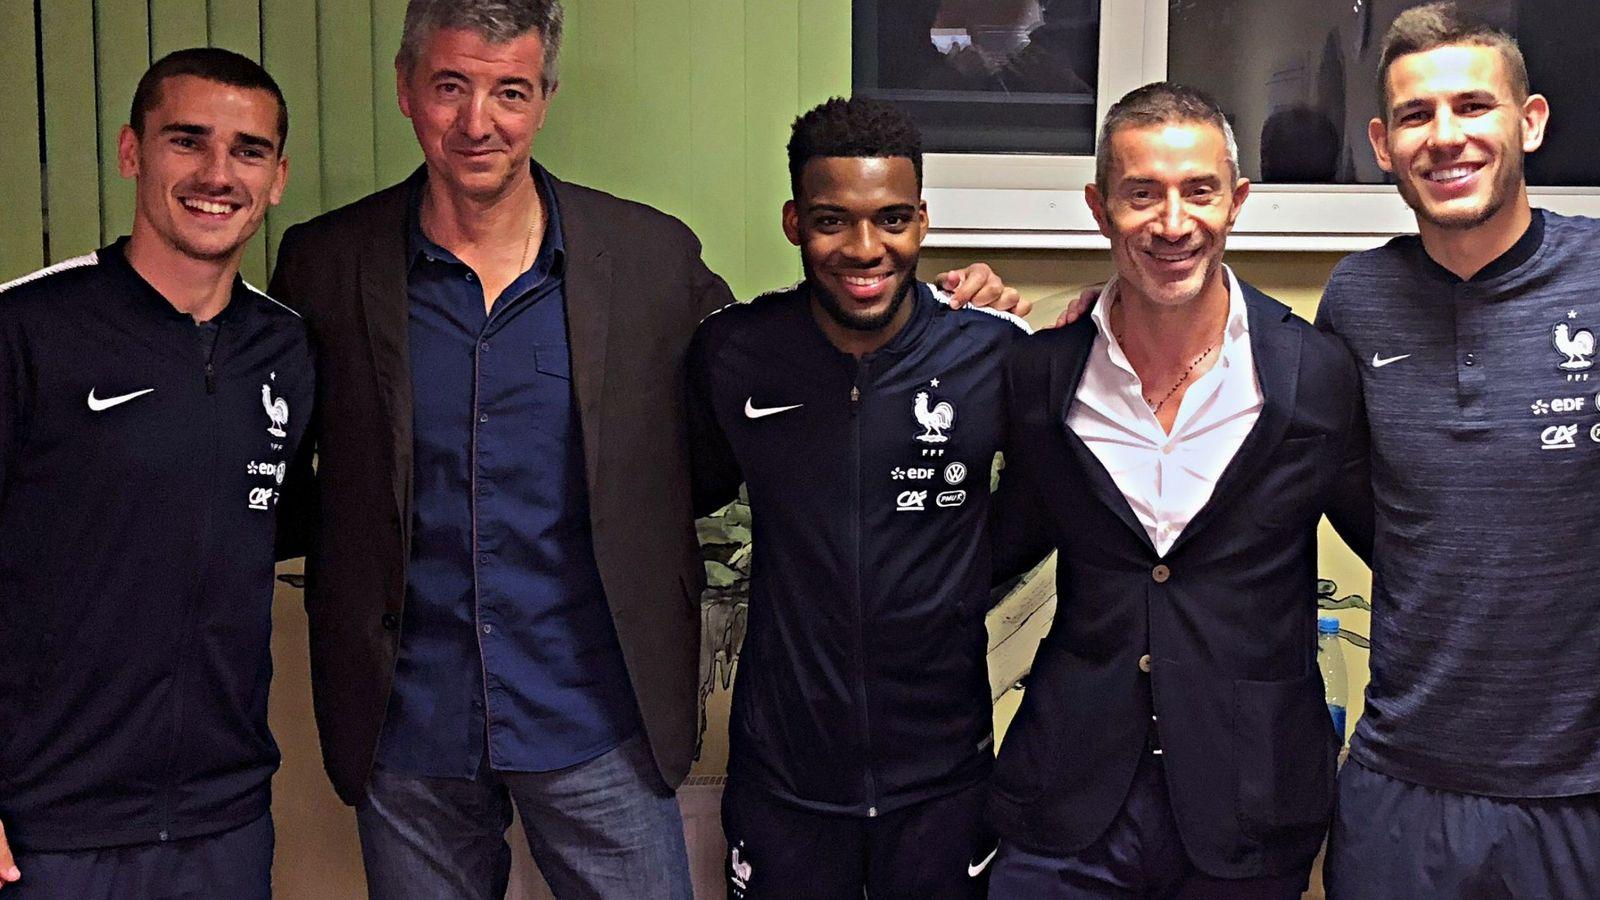 Foto: Griezmann posa con Miguel Ángel Gil Marín, Lemar, Andrea Berta -director deportivo- y Lucas. (foto atlético de madrid)